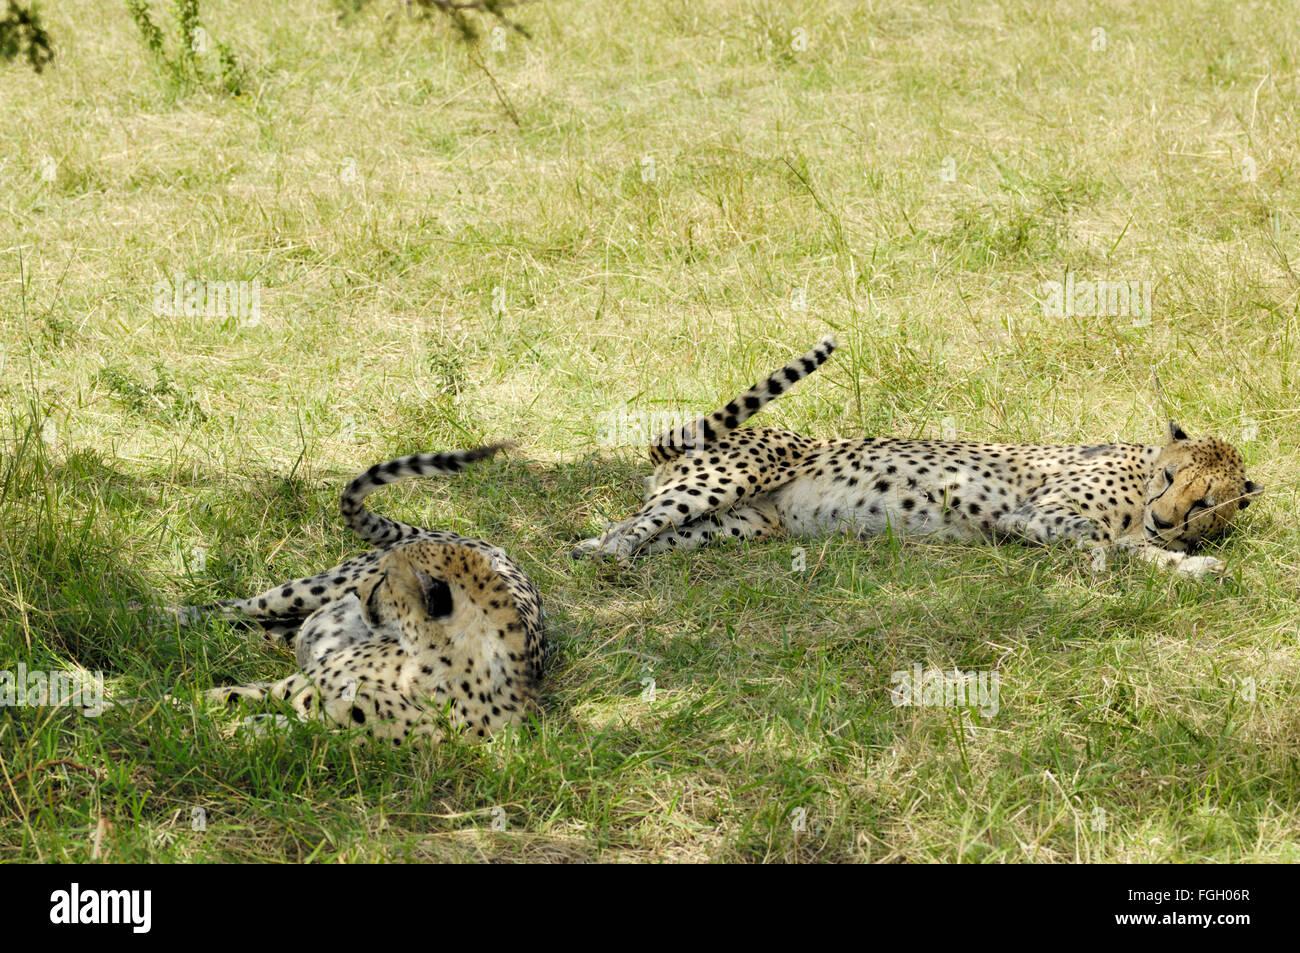 Cheetah in the Serengeti - Stock Image